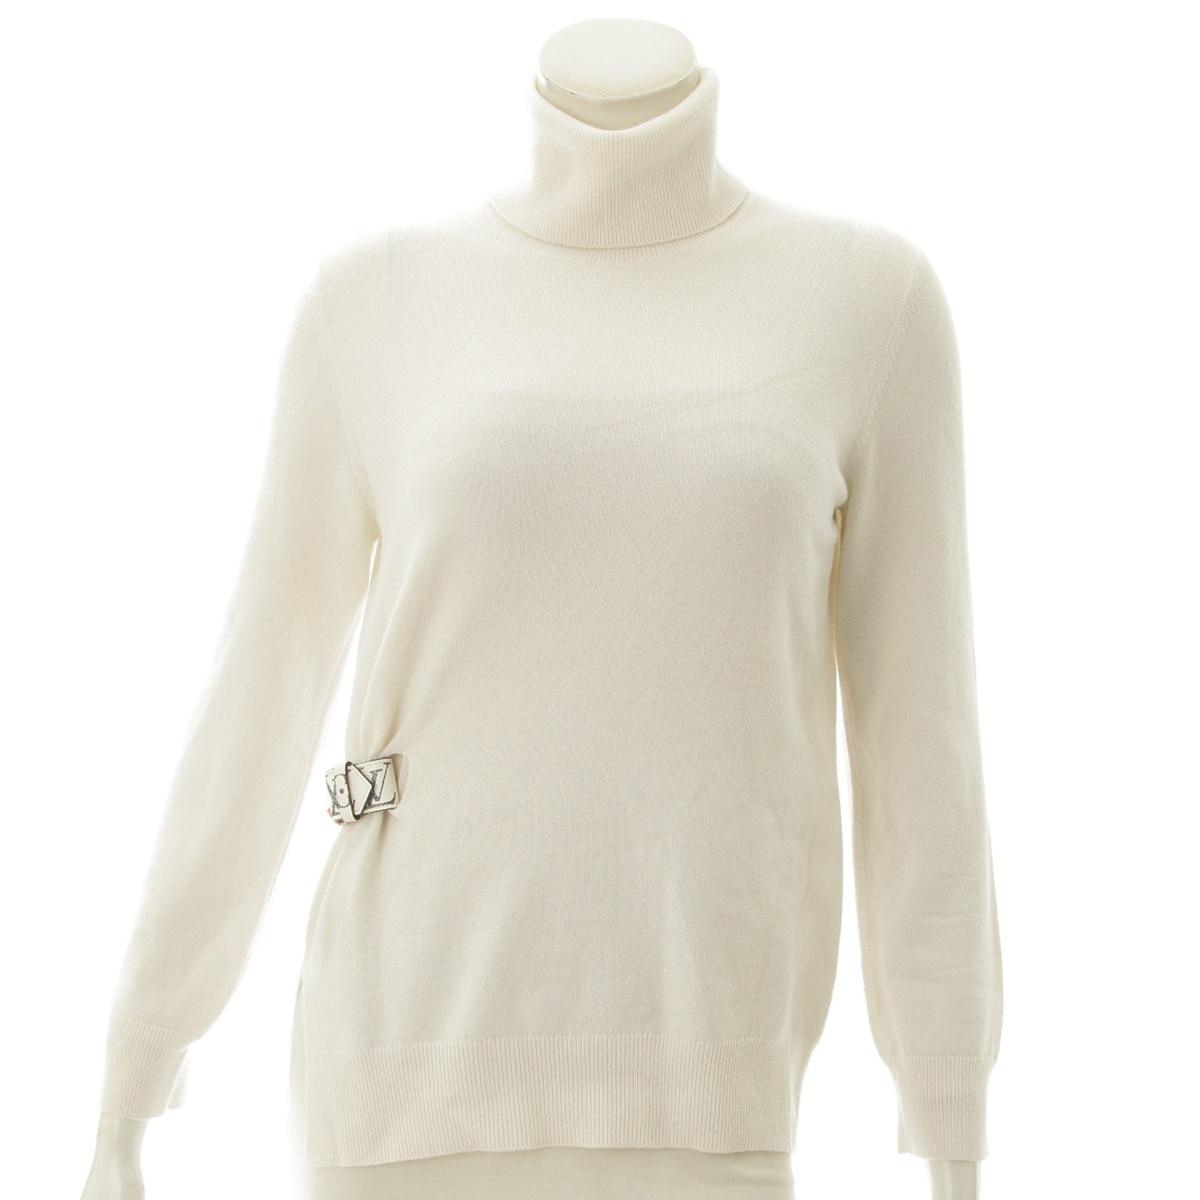 【ルイヴィトン】Louis Vuitton カシミア ハイネック ベルト付き セーター ホワイト XS 【中古】【鑑定済・正規品保証】71133